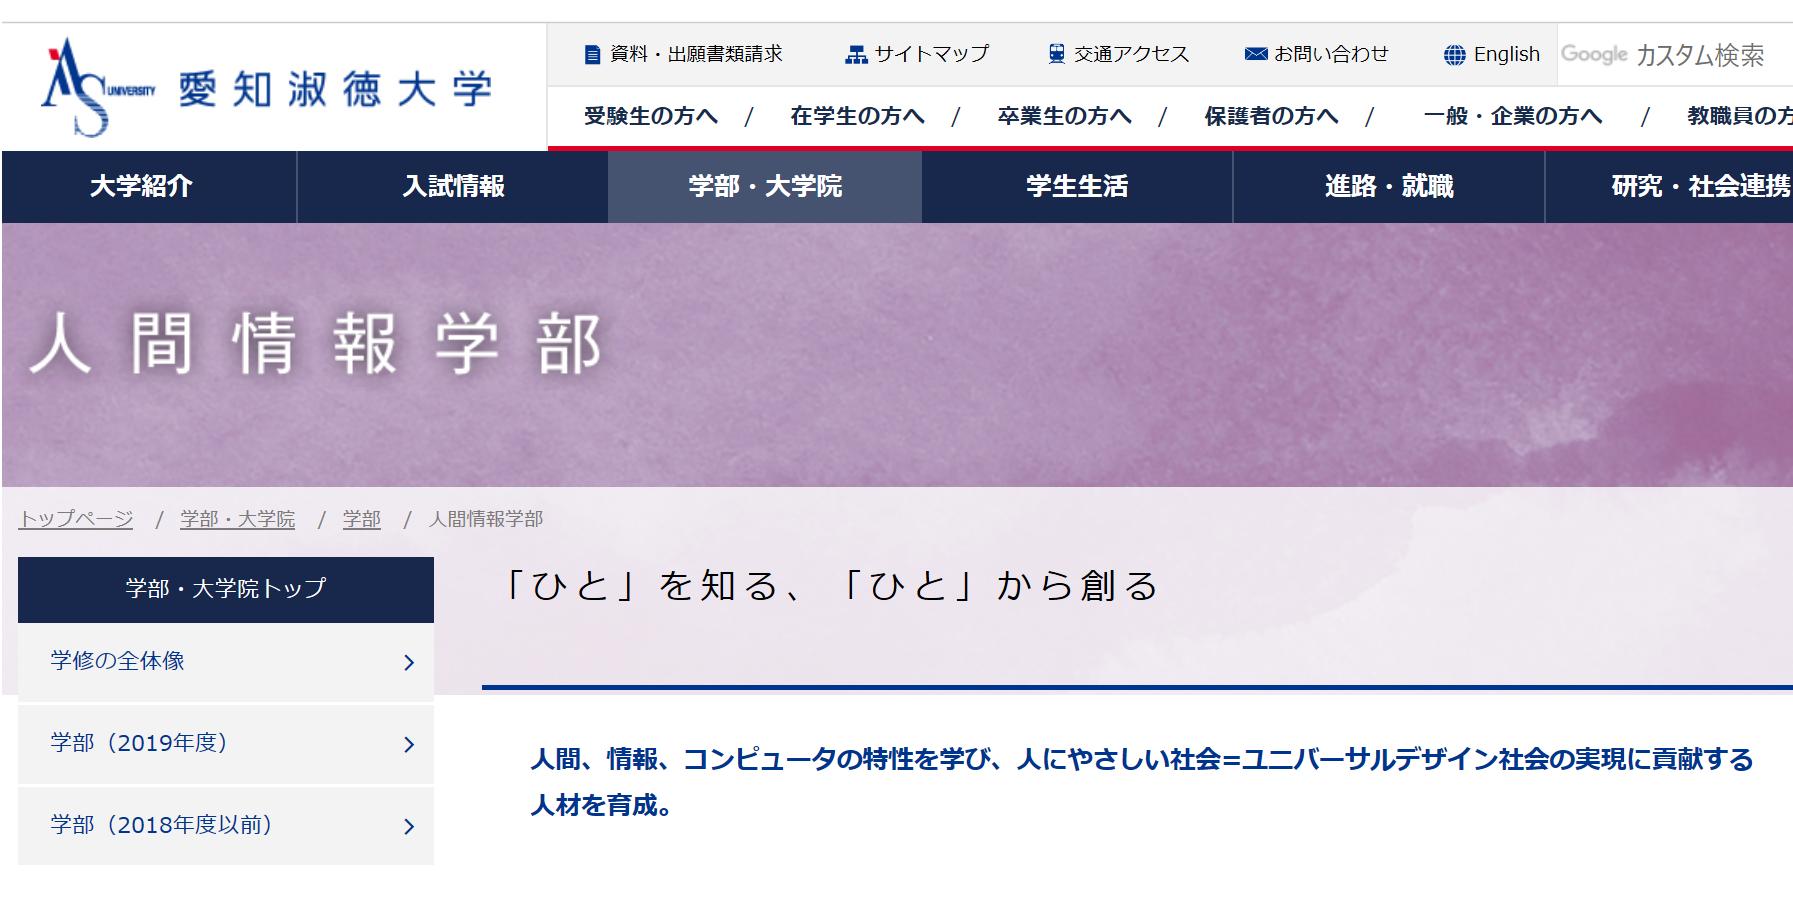 愛知淑徳大学の評判・口コミ【人間情報学部編】